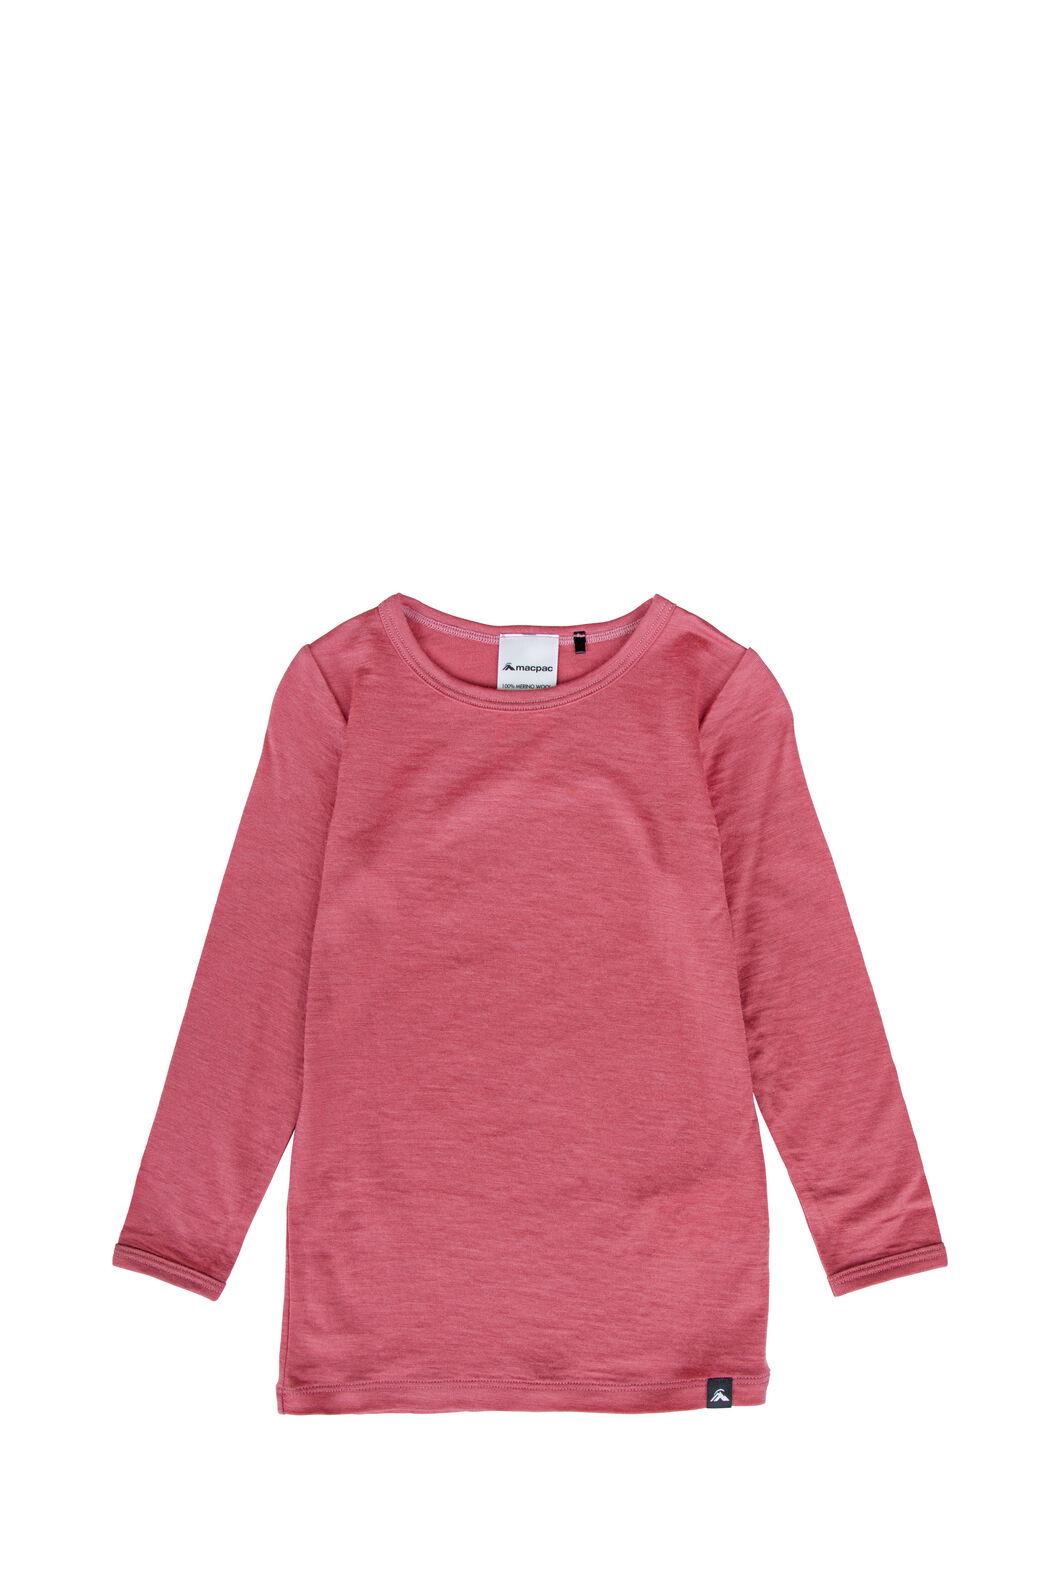 Macpac 150 Merino Long Sleeve Top — Baby, Slate Rose, hi-res